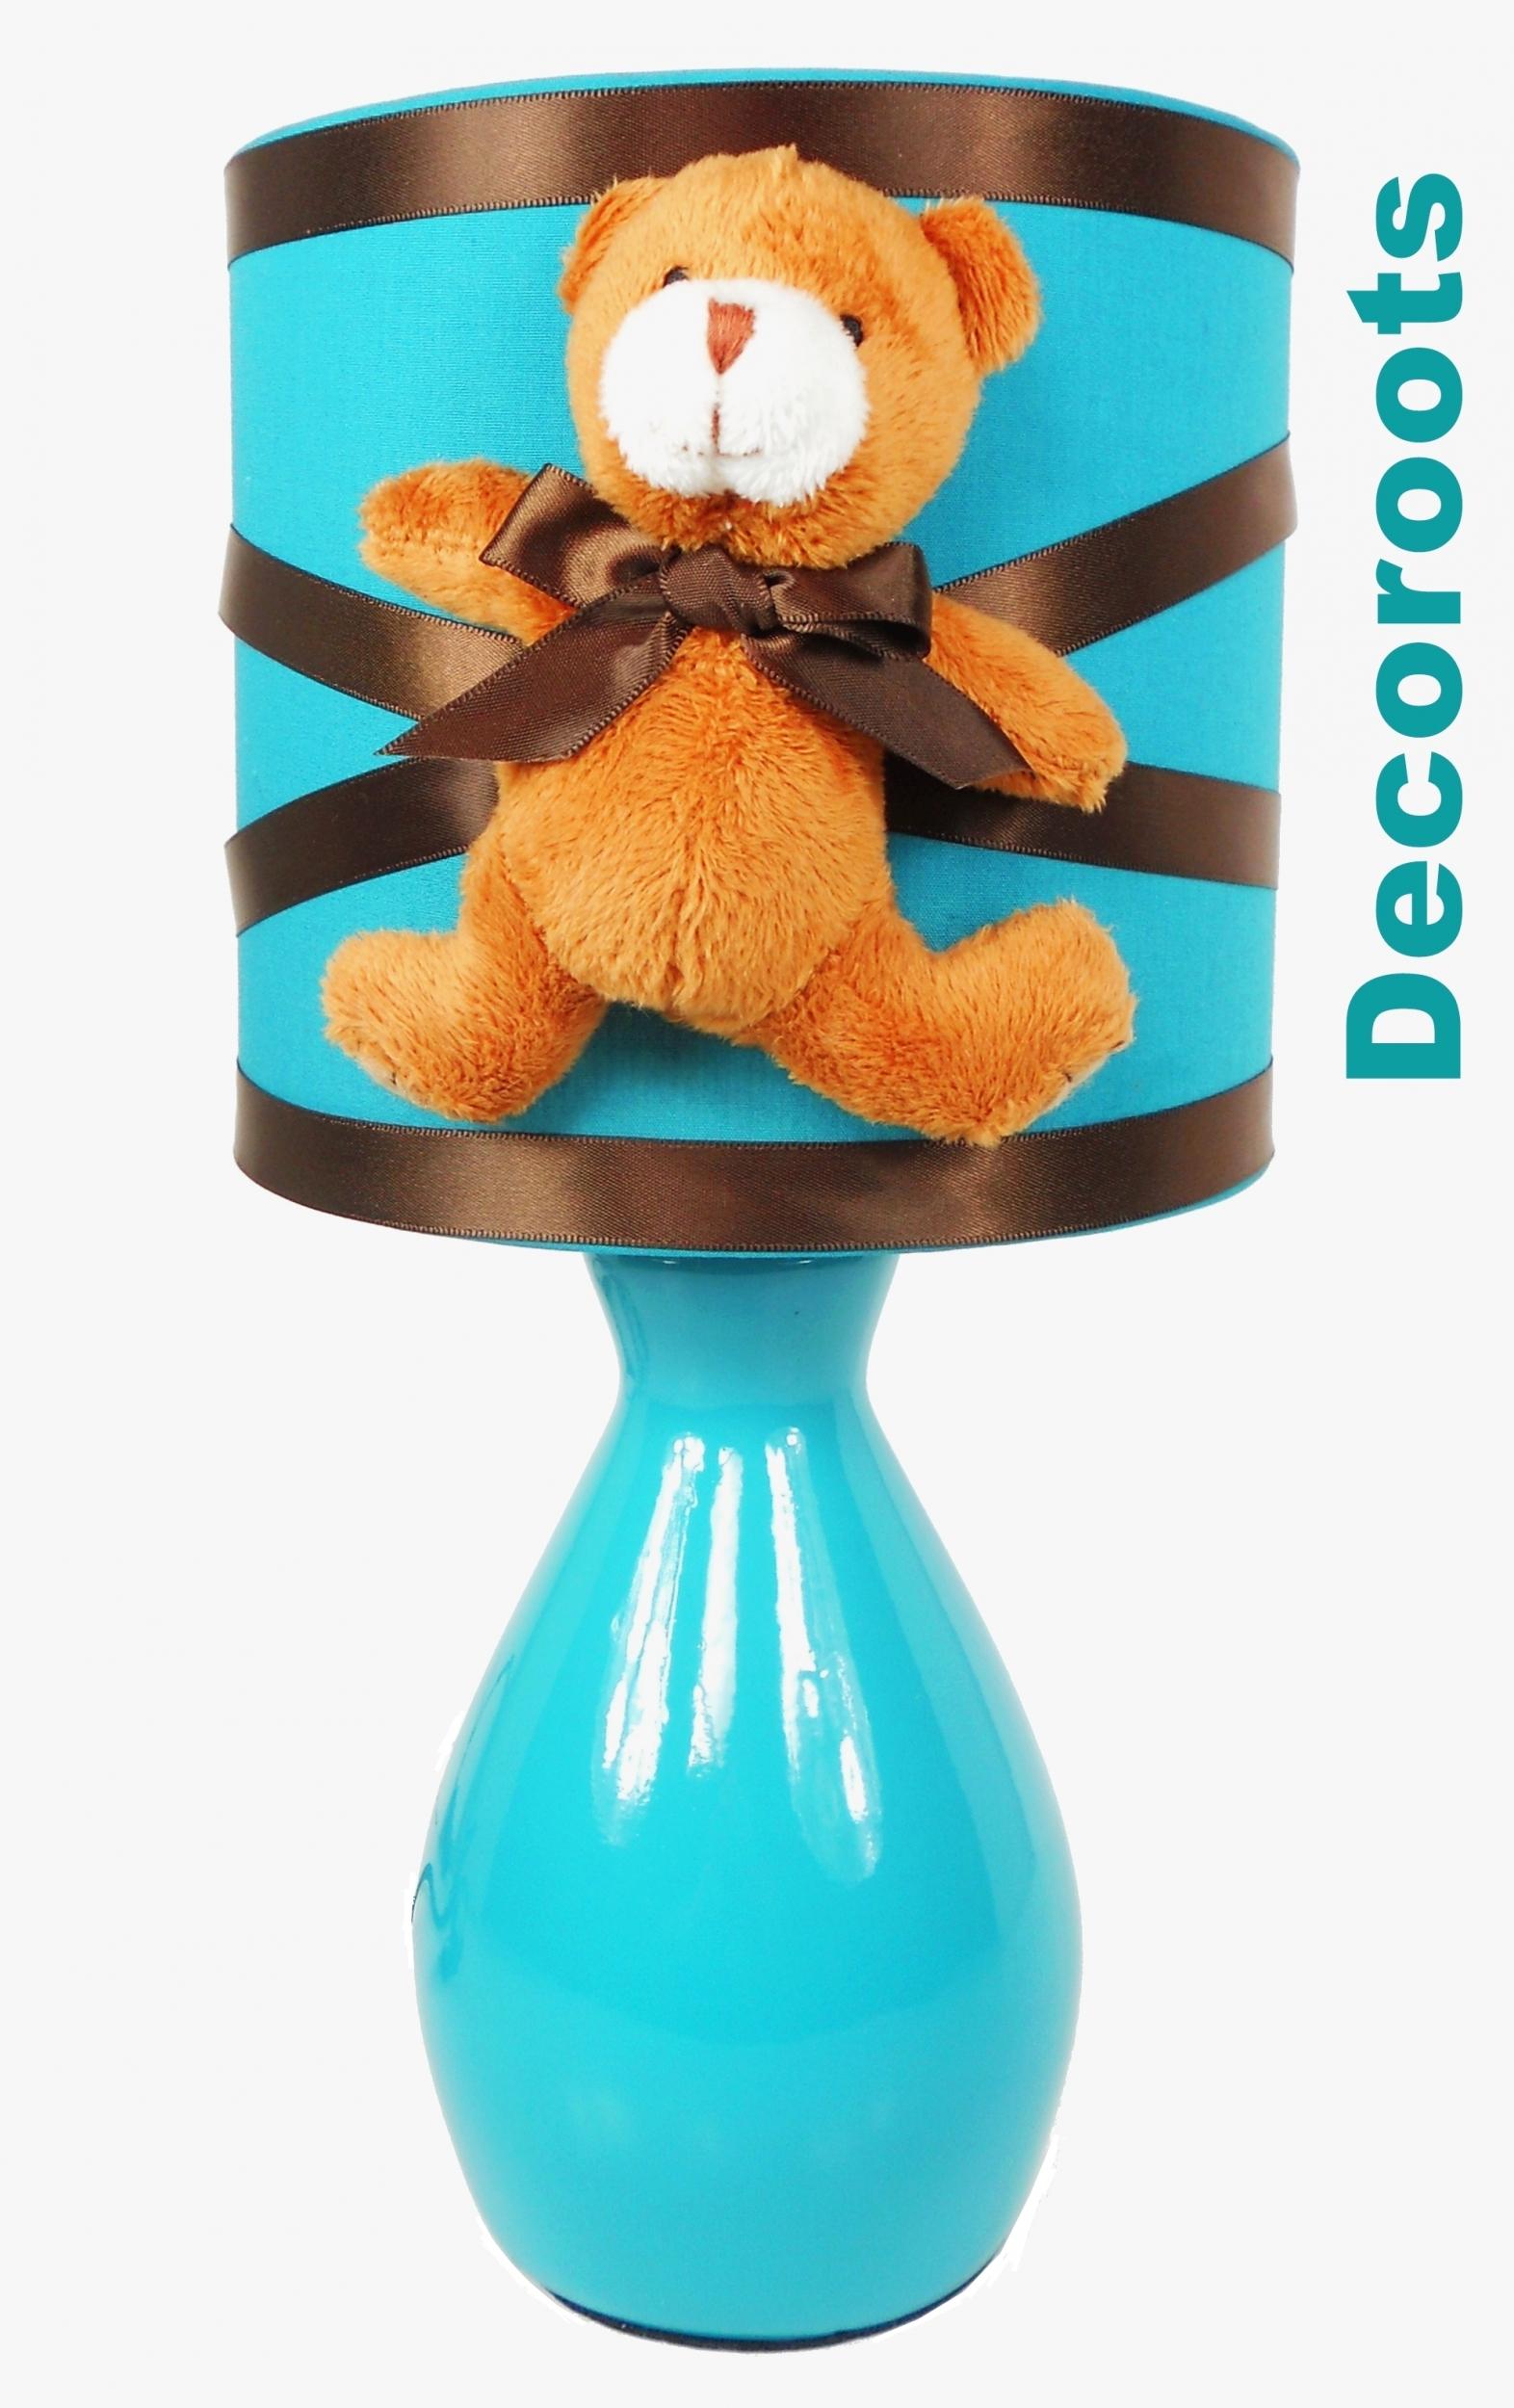 Lampe de chevet tactile ours bleu turquoise marron chocolat enfant b b luminaire enfant b b - Lampe de chevet garcon ...